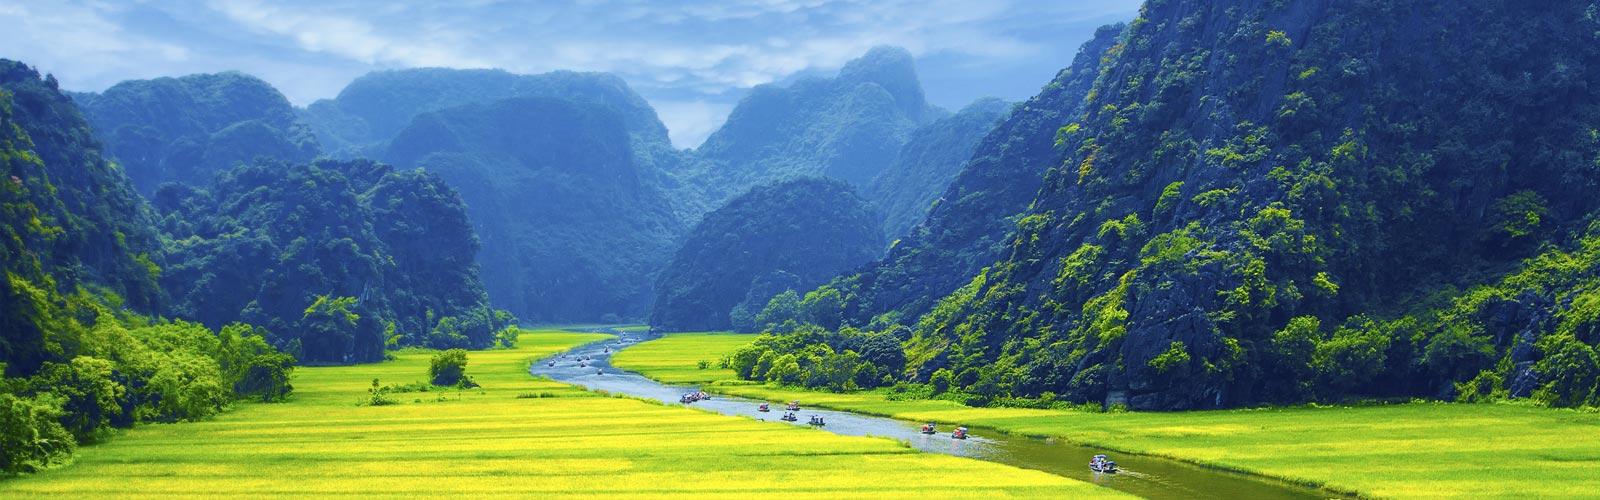 Viaje a Vietnam y Camboya. 3 Ago.